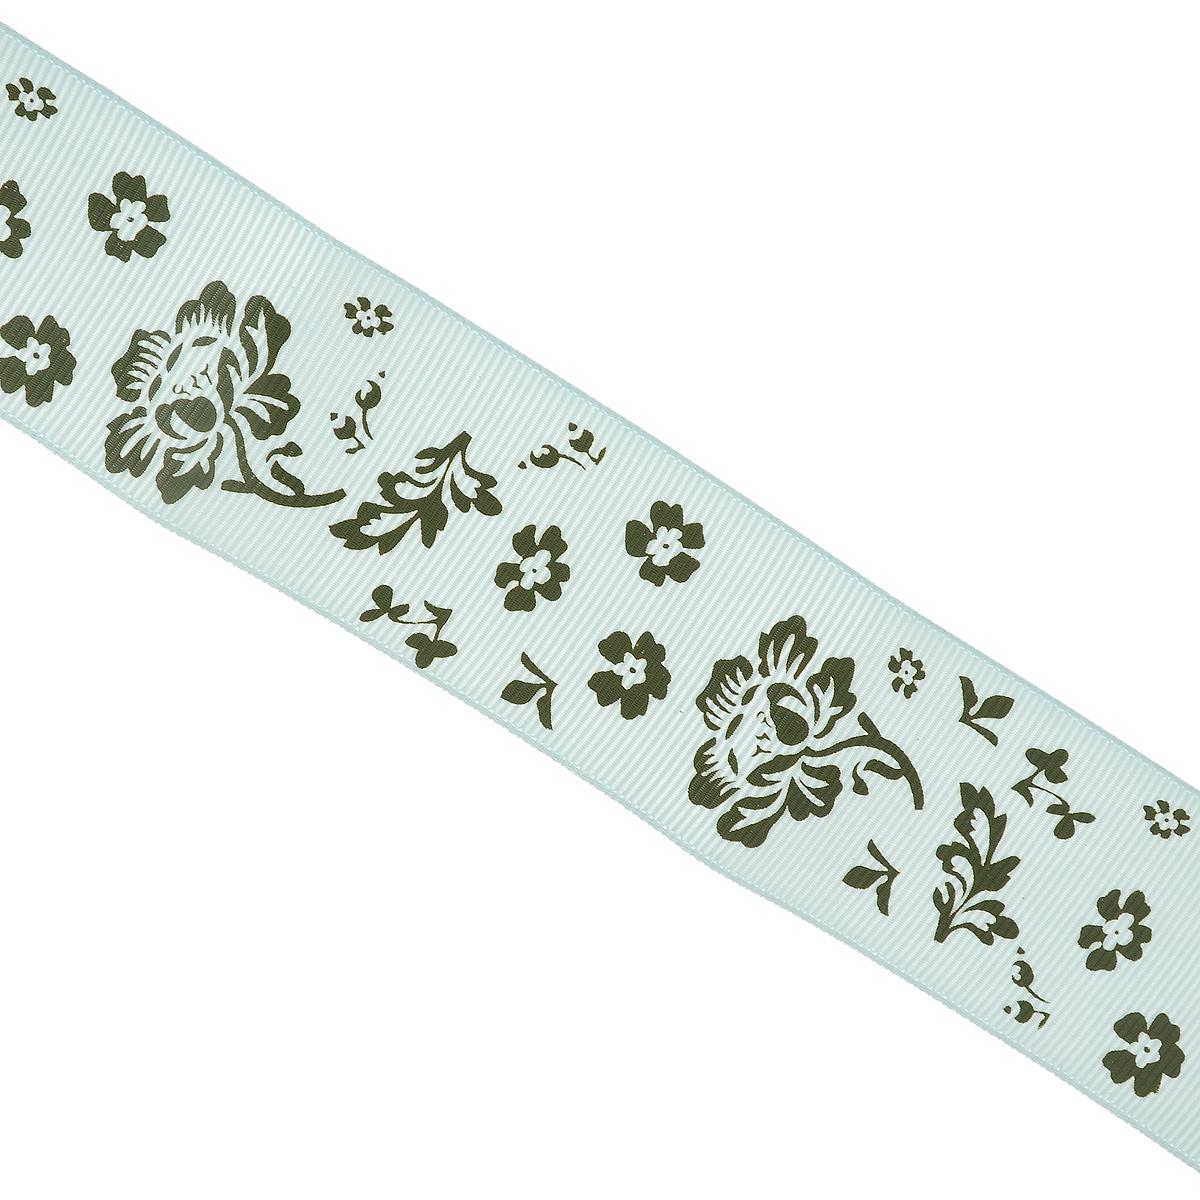 Лента декоративная Vintage Line, цвет: белый, зеленый, ширина 3,8 см, длина 1 м. 77092907709290_белый/зеленыйДекоративная лента Vintage Line выполнена из текстиля и оформлена цветочным принтом. Такая лента идеально подойдет для оформления различных творческих работ таких, как скрапбукинг, аппликация, декор коробок и открыток и многое другое. Лента наивысшего качества практична в использовании. Она станет незаменимым элементом в создании рукотворного шедевра. Ширина: 3,8 см.Длина: 1 м.